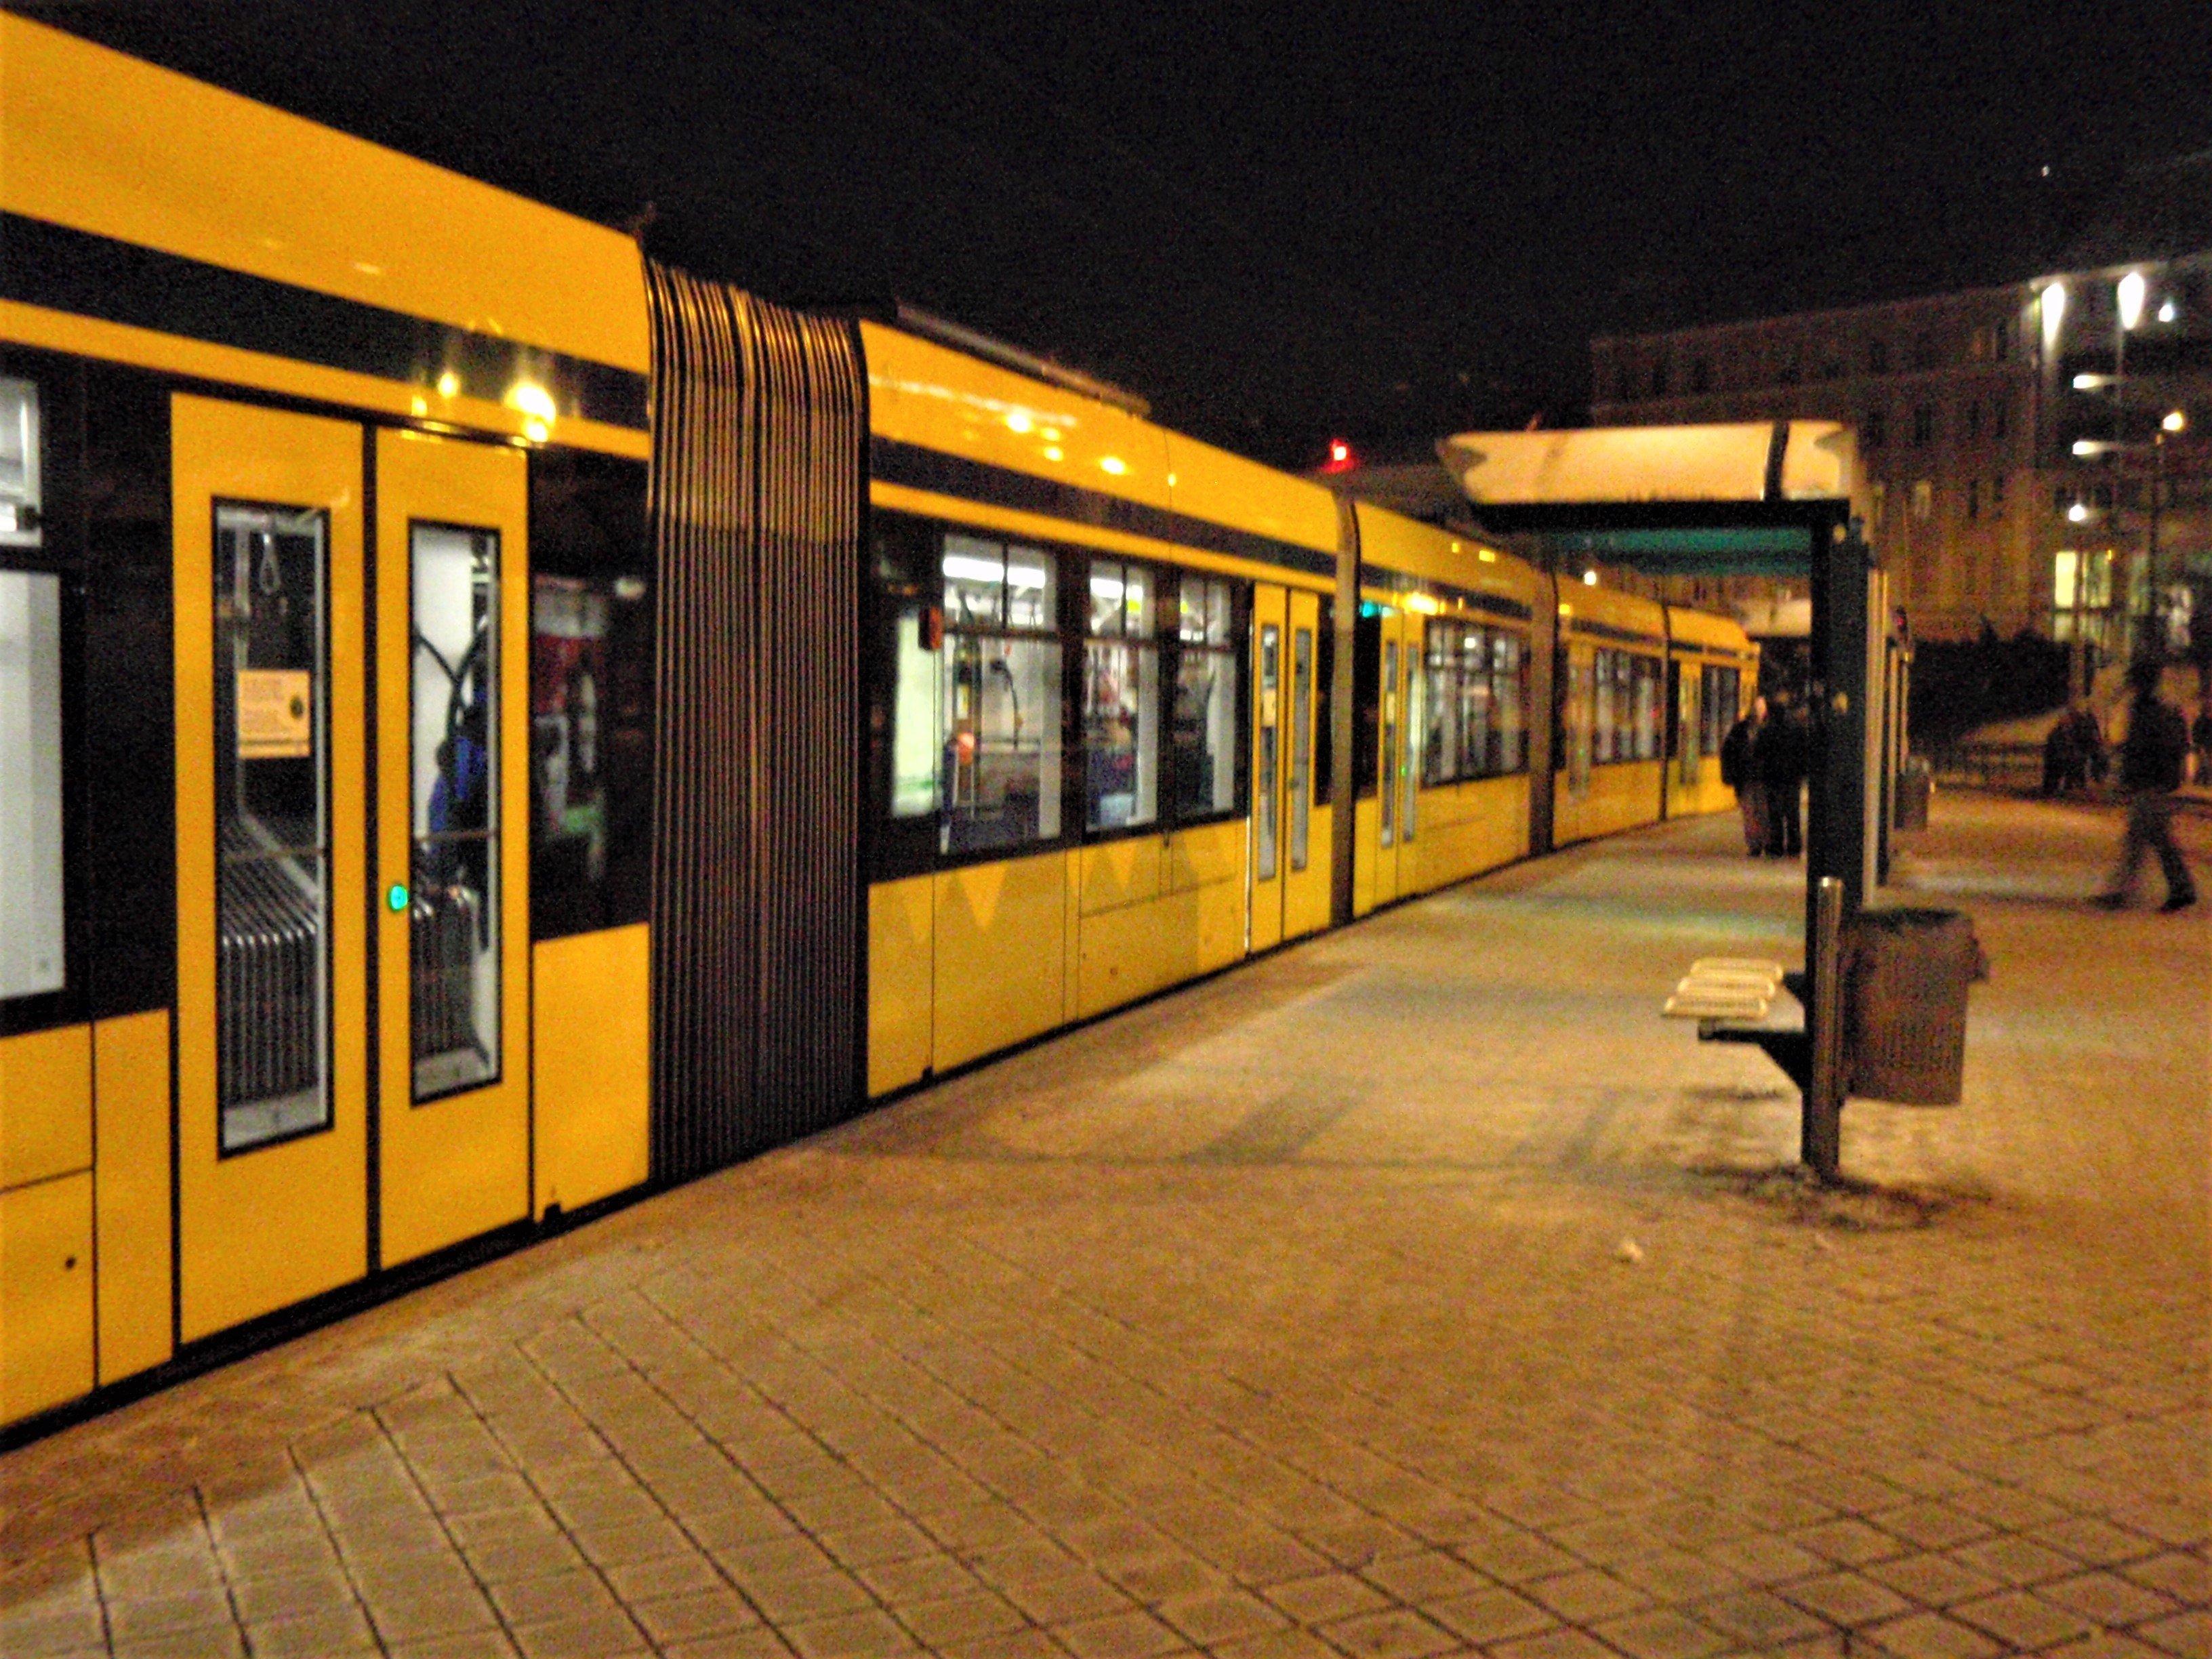 В новогоднюю ночь транспорт многих городов ходит круглосуточно и бесплатно